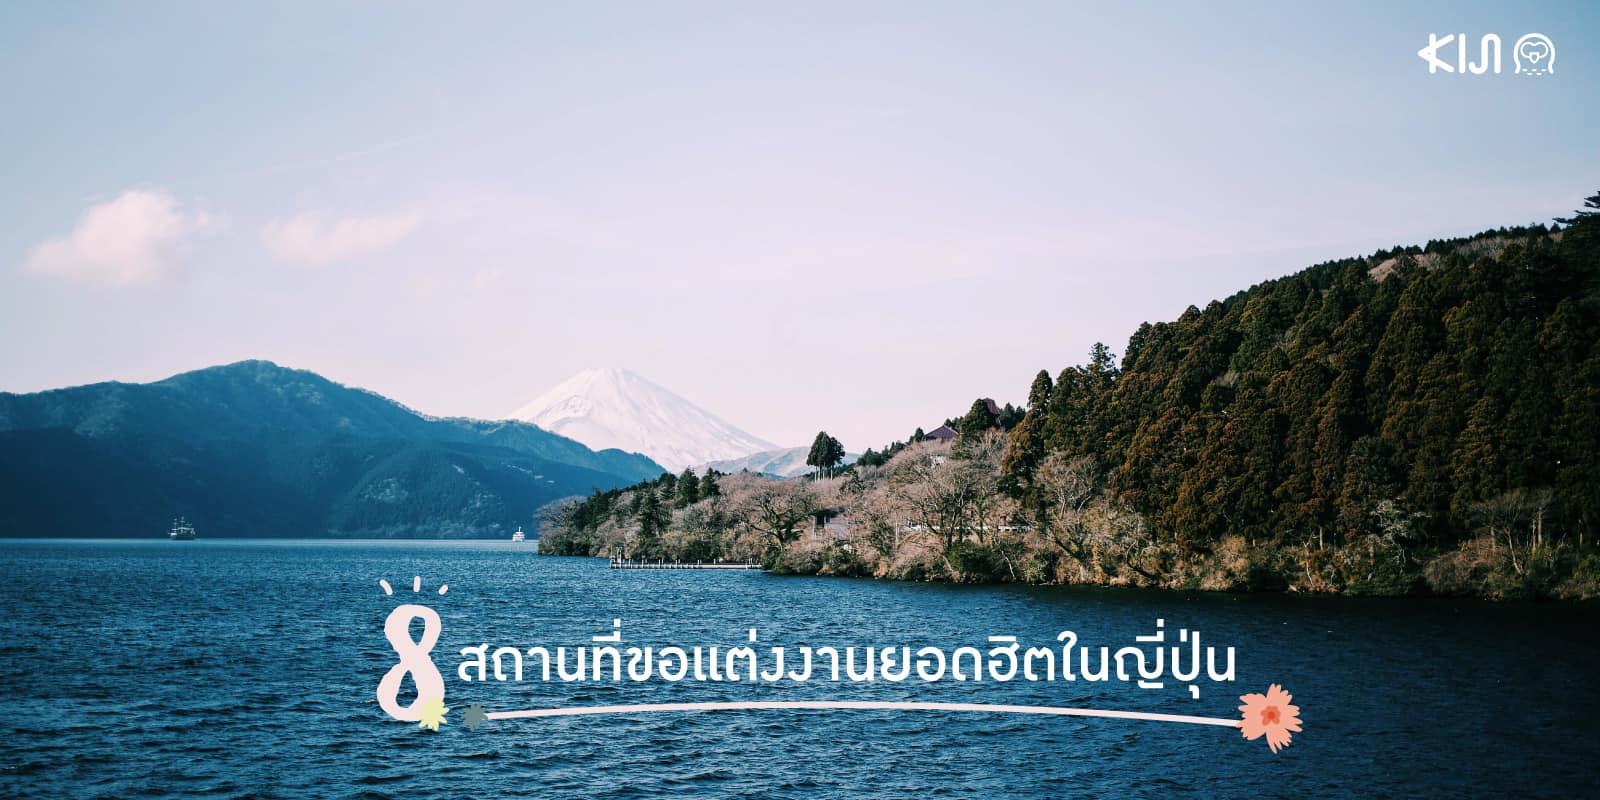 สถานที่ ขอแต่งงาน ญี่ปุ่น